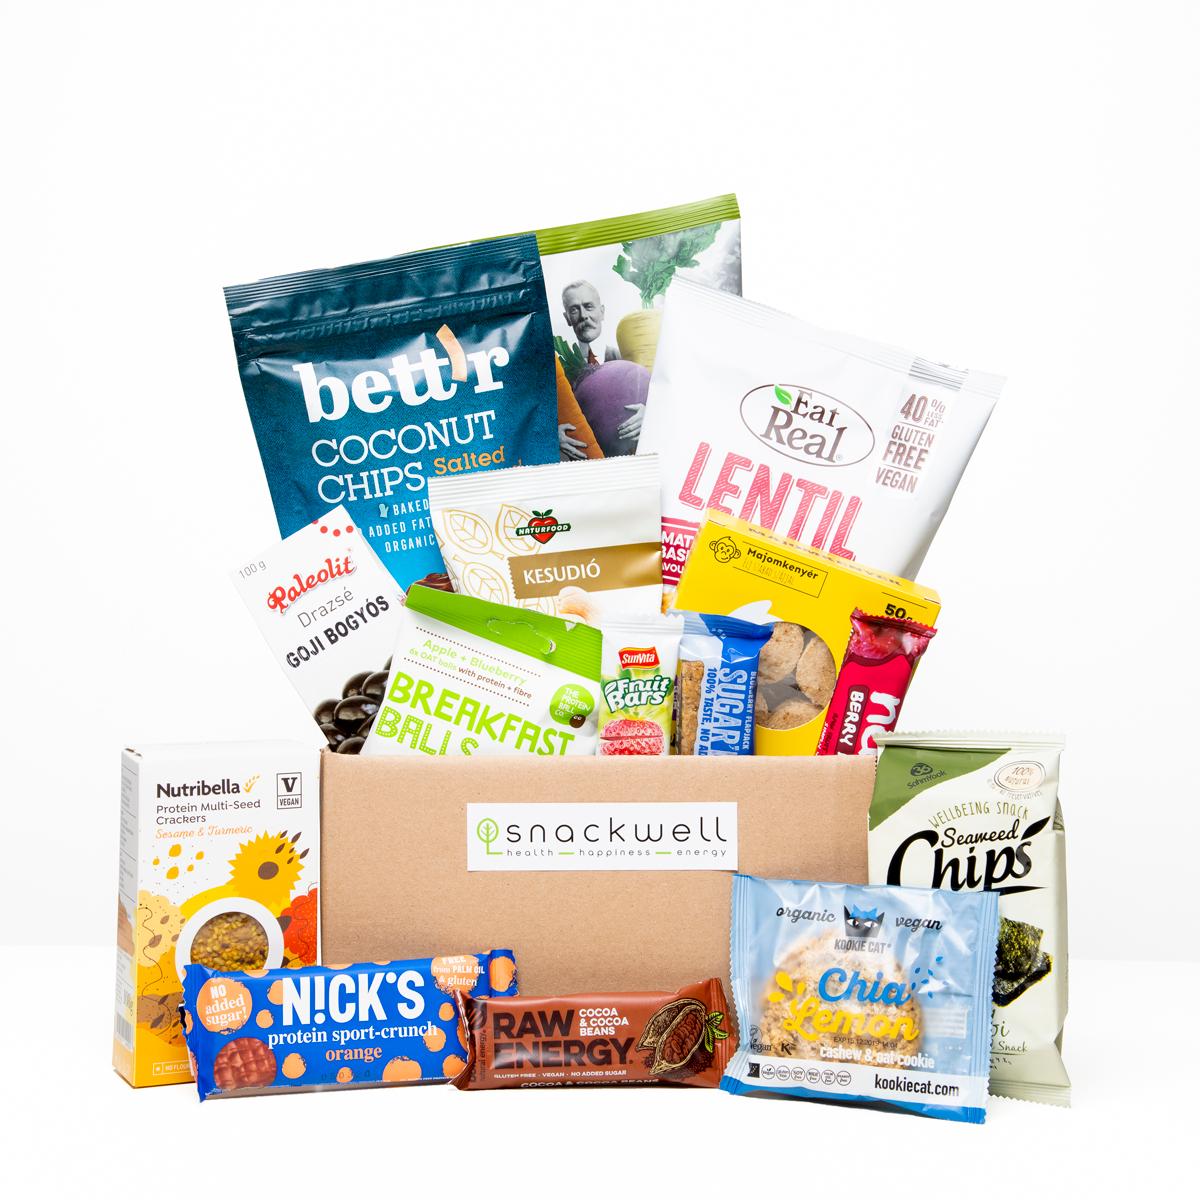 Egészséges snackek egy dobozban (közepes), pl kókuszchips, gyümölcsszelet, zabszelet, lencsechips, kesudiós keksz, algachips.